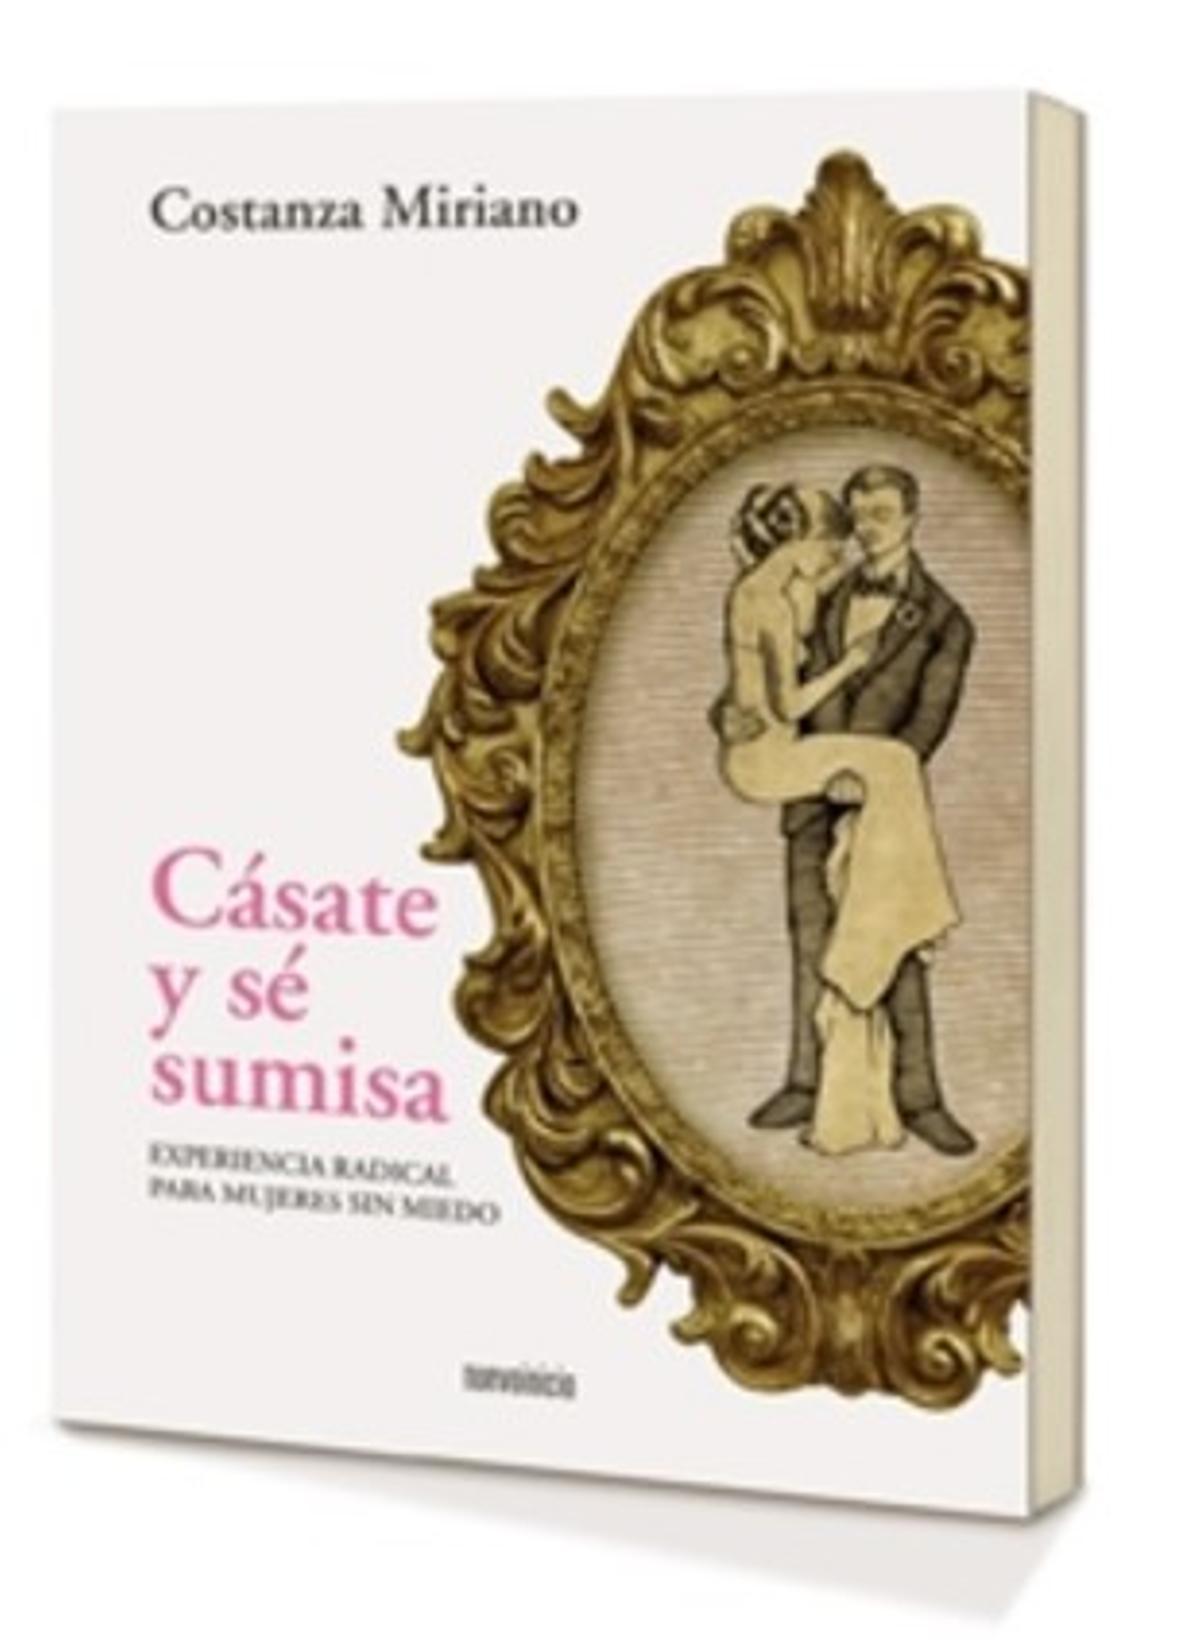 'Cásate y se sumisa', el libro de Costanza Miriano.